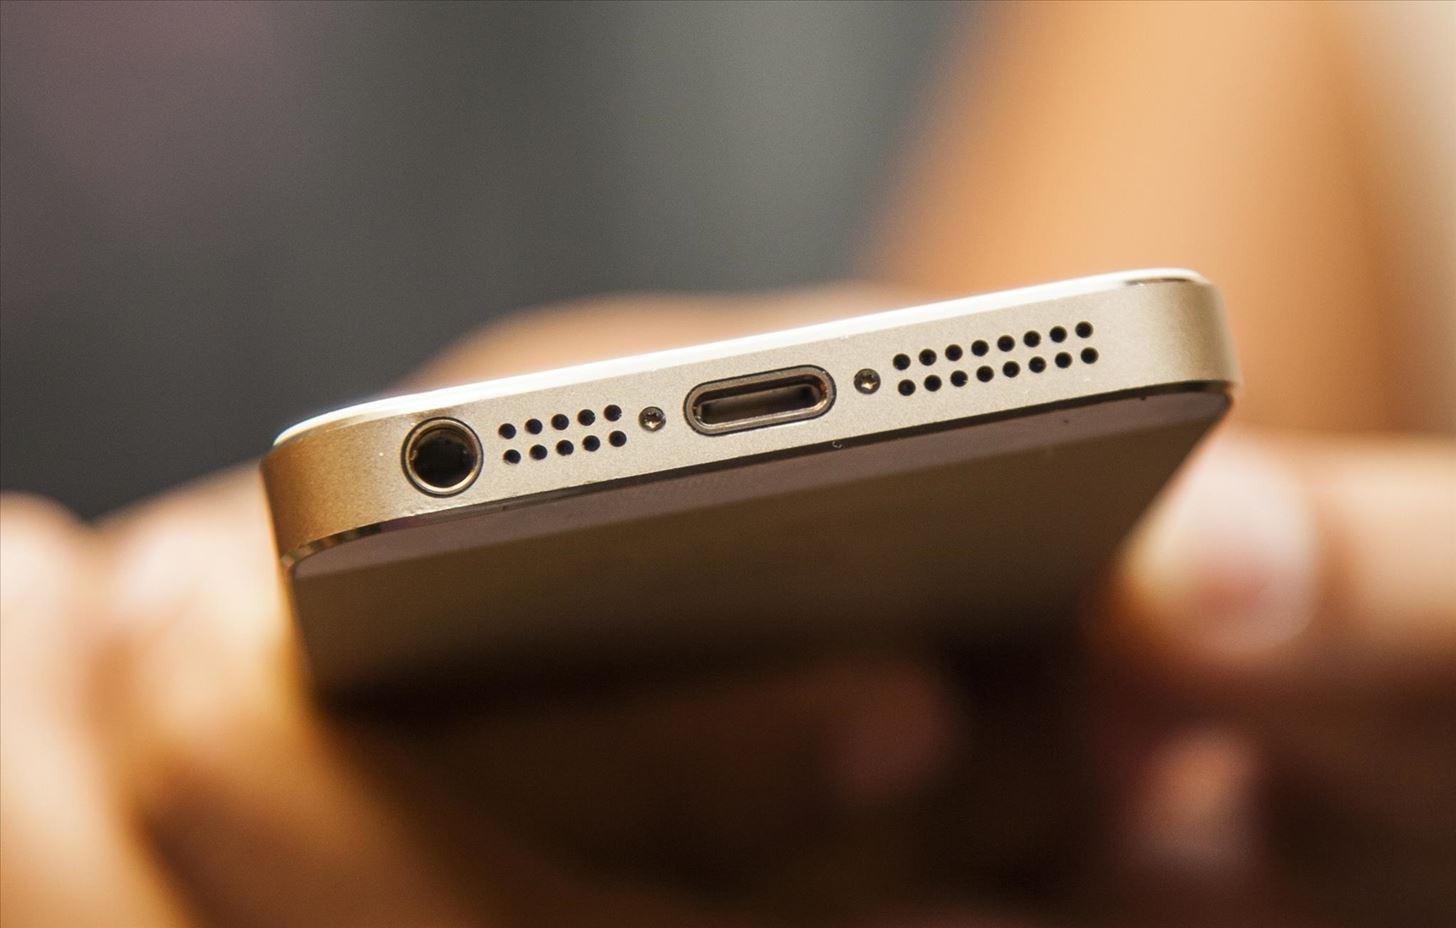 Hướng Dẫn Xử Lý Iphone Sạc Pin Không Vào